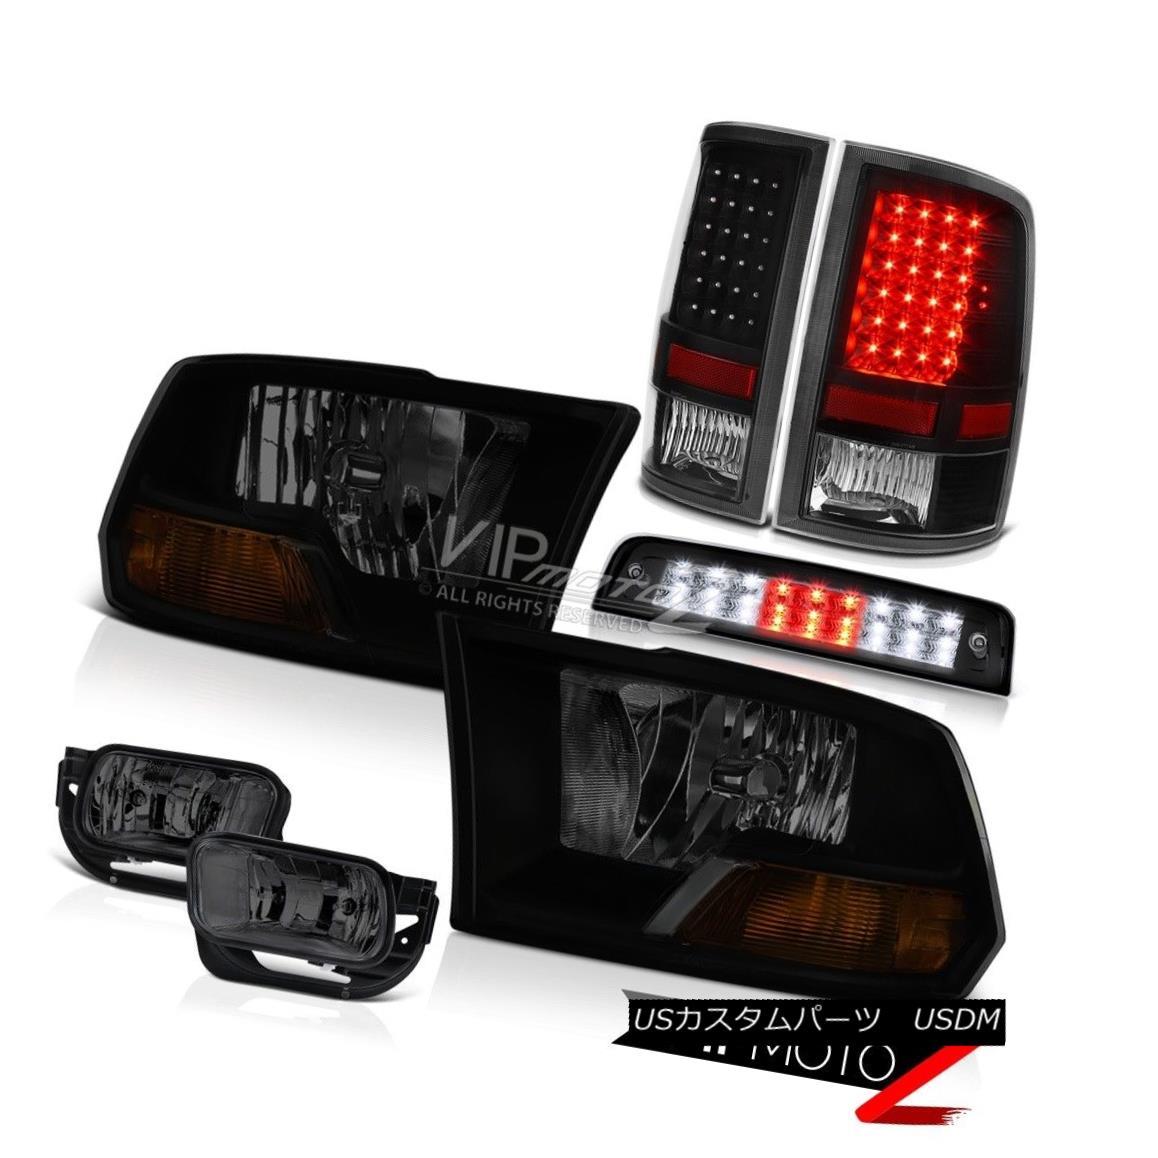 ヘッドライト 09-16 Ram 1500 Laramie Roof Cab Light Foglamps Rear Brake Lights Headlamps LED 09-16ラム1500ララミールーフキャブライトフォグランプリアブレーキライトヘッドランプLED